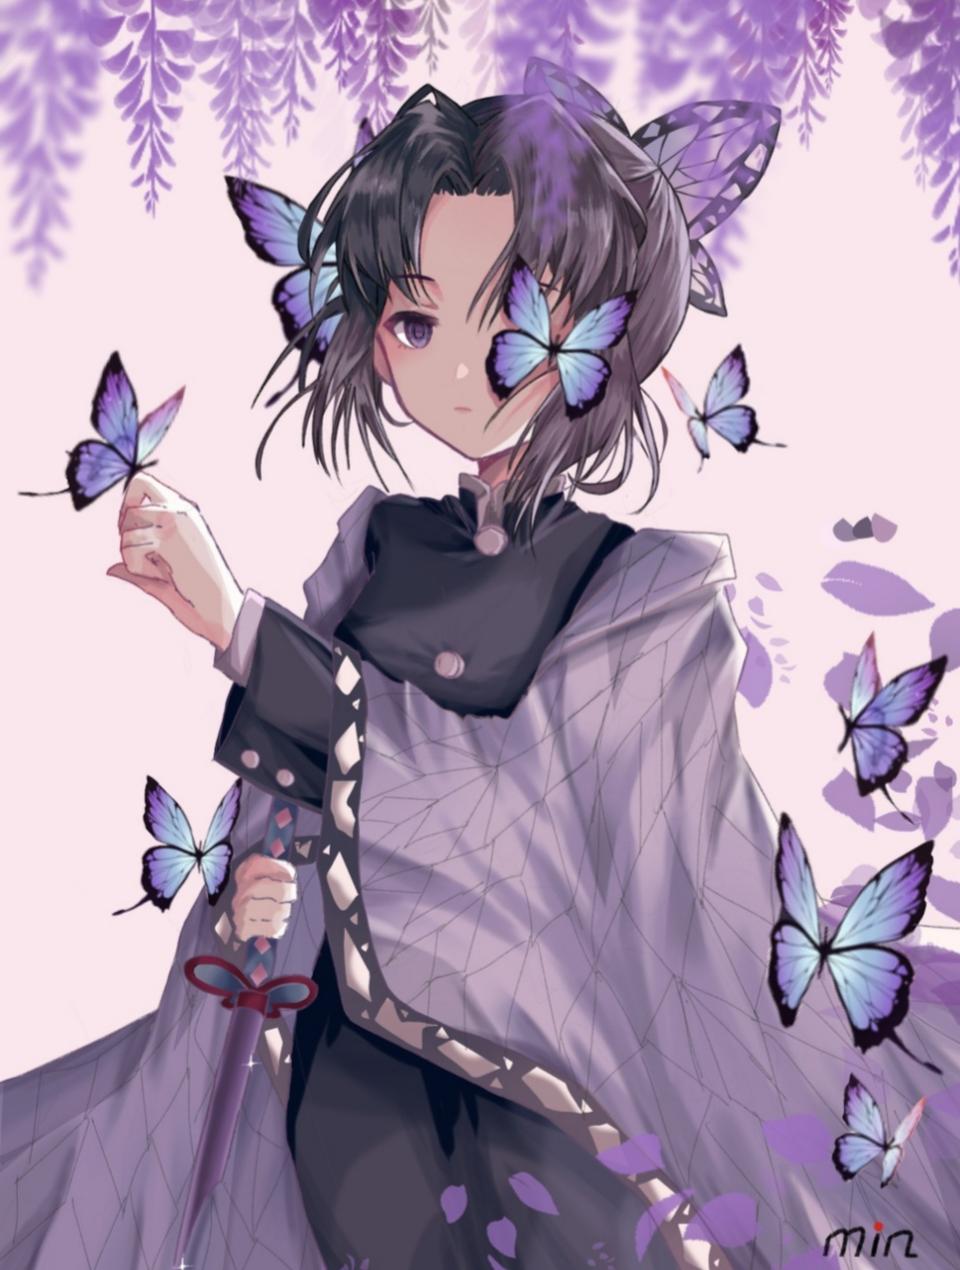 摸鱼 Illust of Minako medibangpaint KochouShinobu KimetsunoYaiba